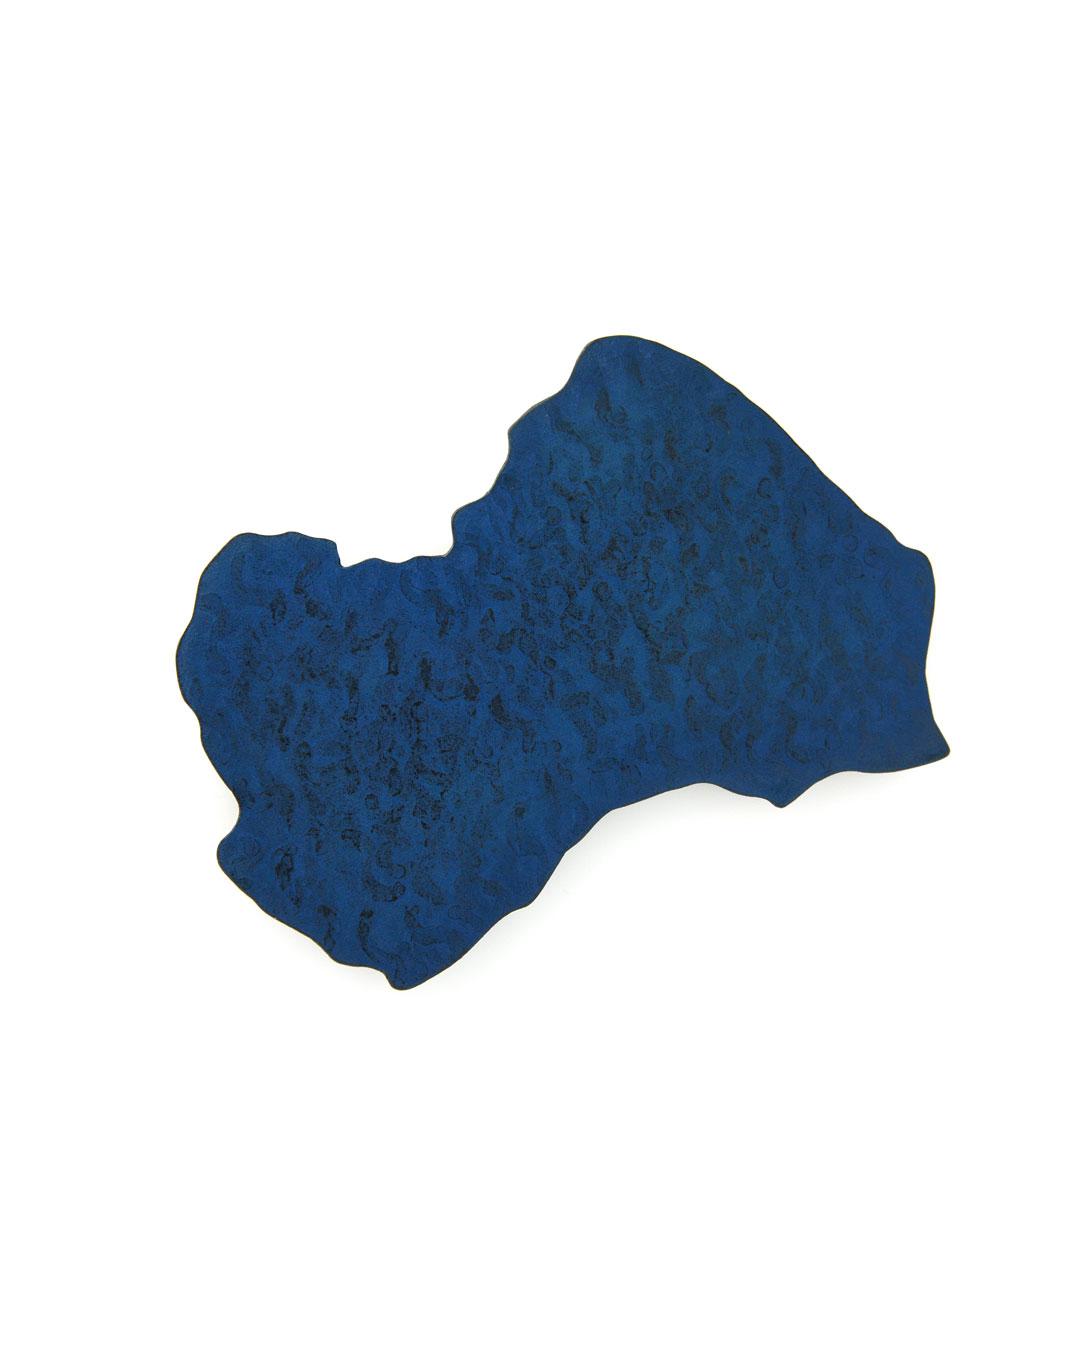 Tore Svensson, Lake Shikotsu, 2016, brooch; steel, paint, 80 x 55 mm, €610